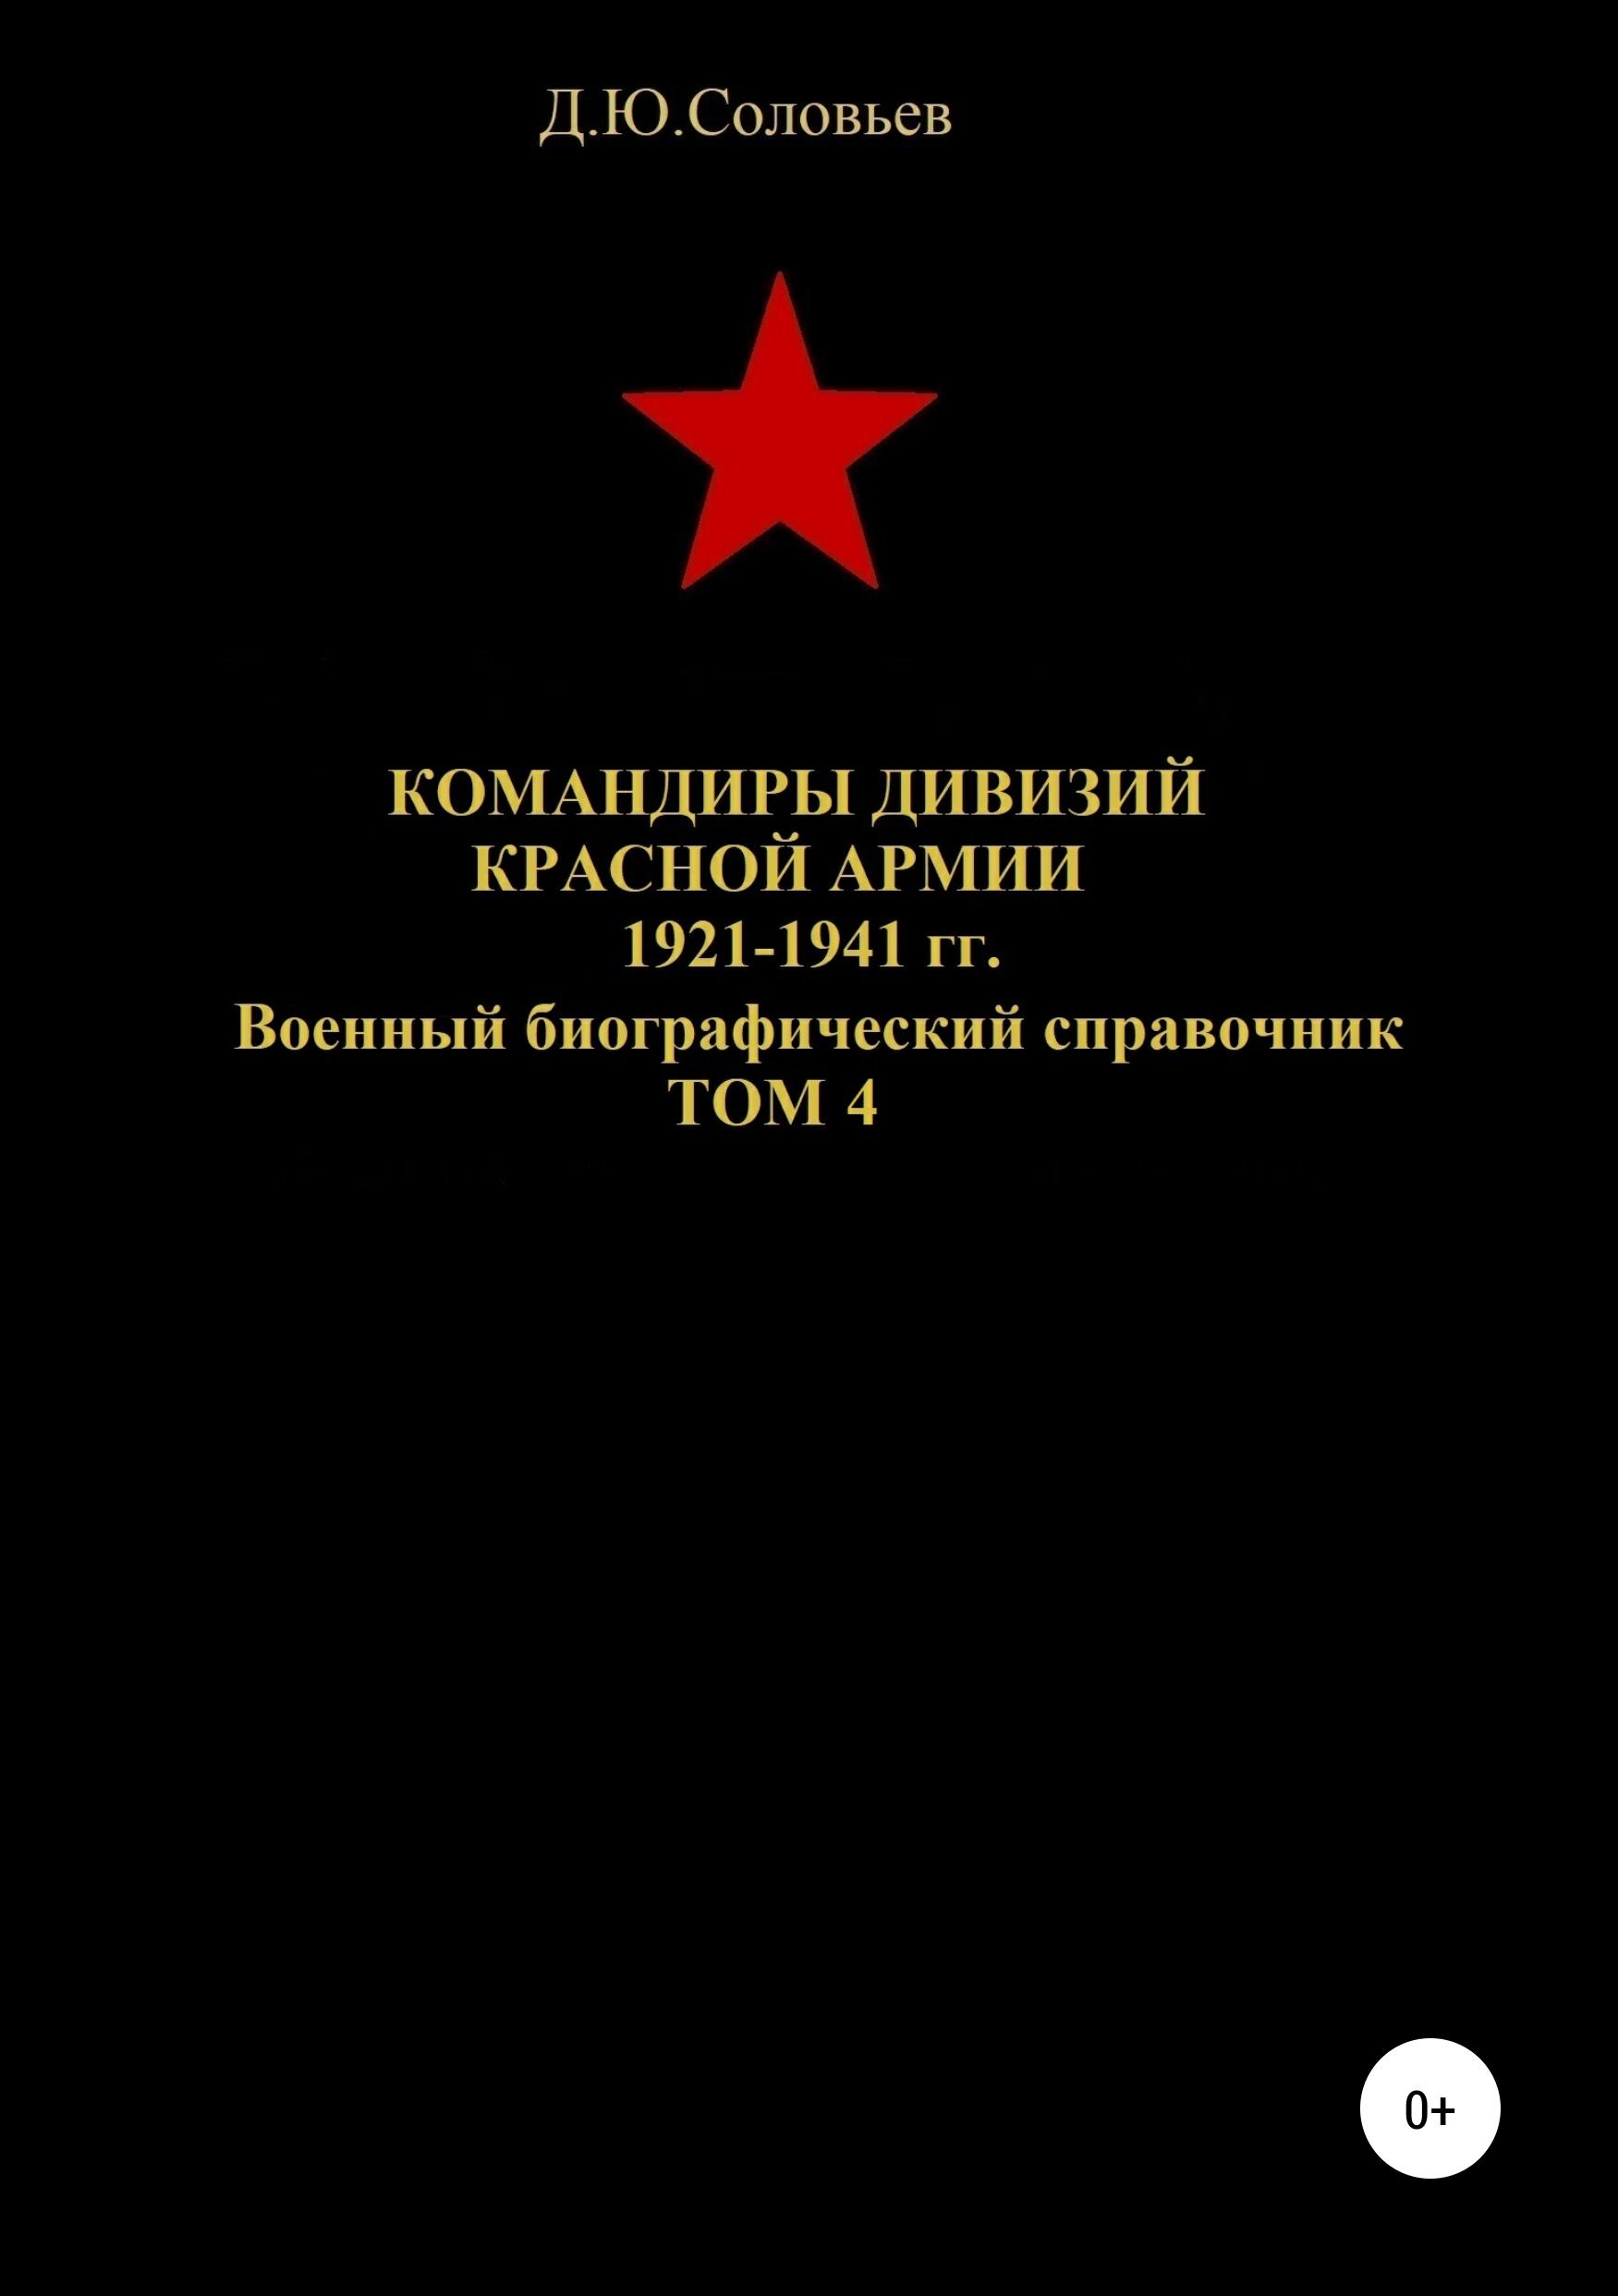 Командиры дивизий Красной Армии 1921-1941 гг. Том 4